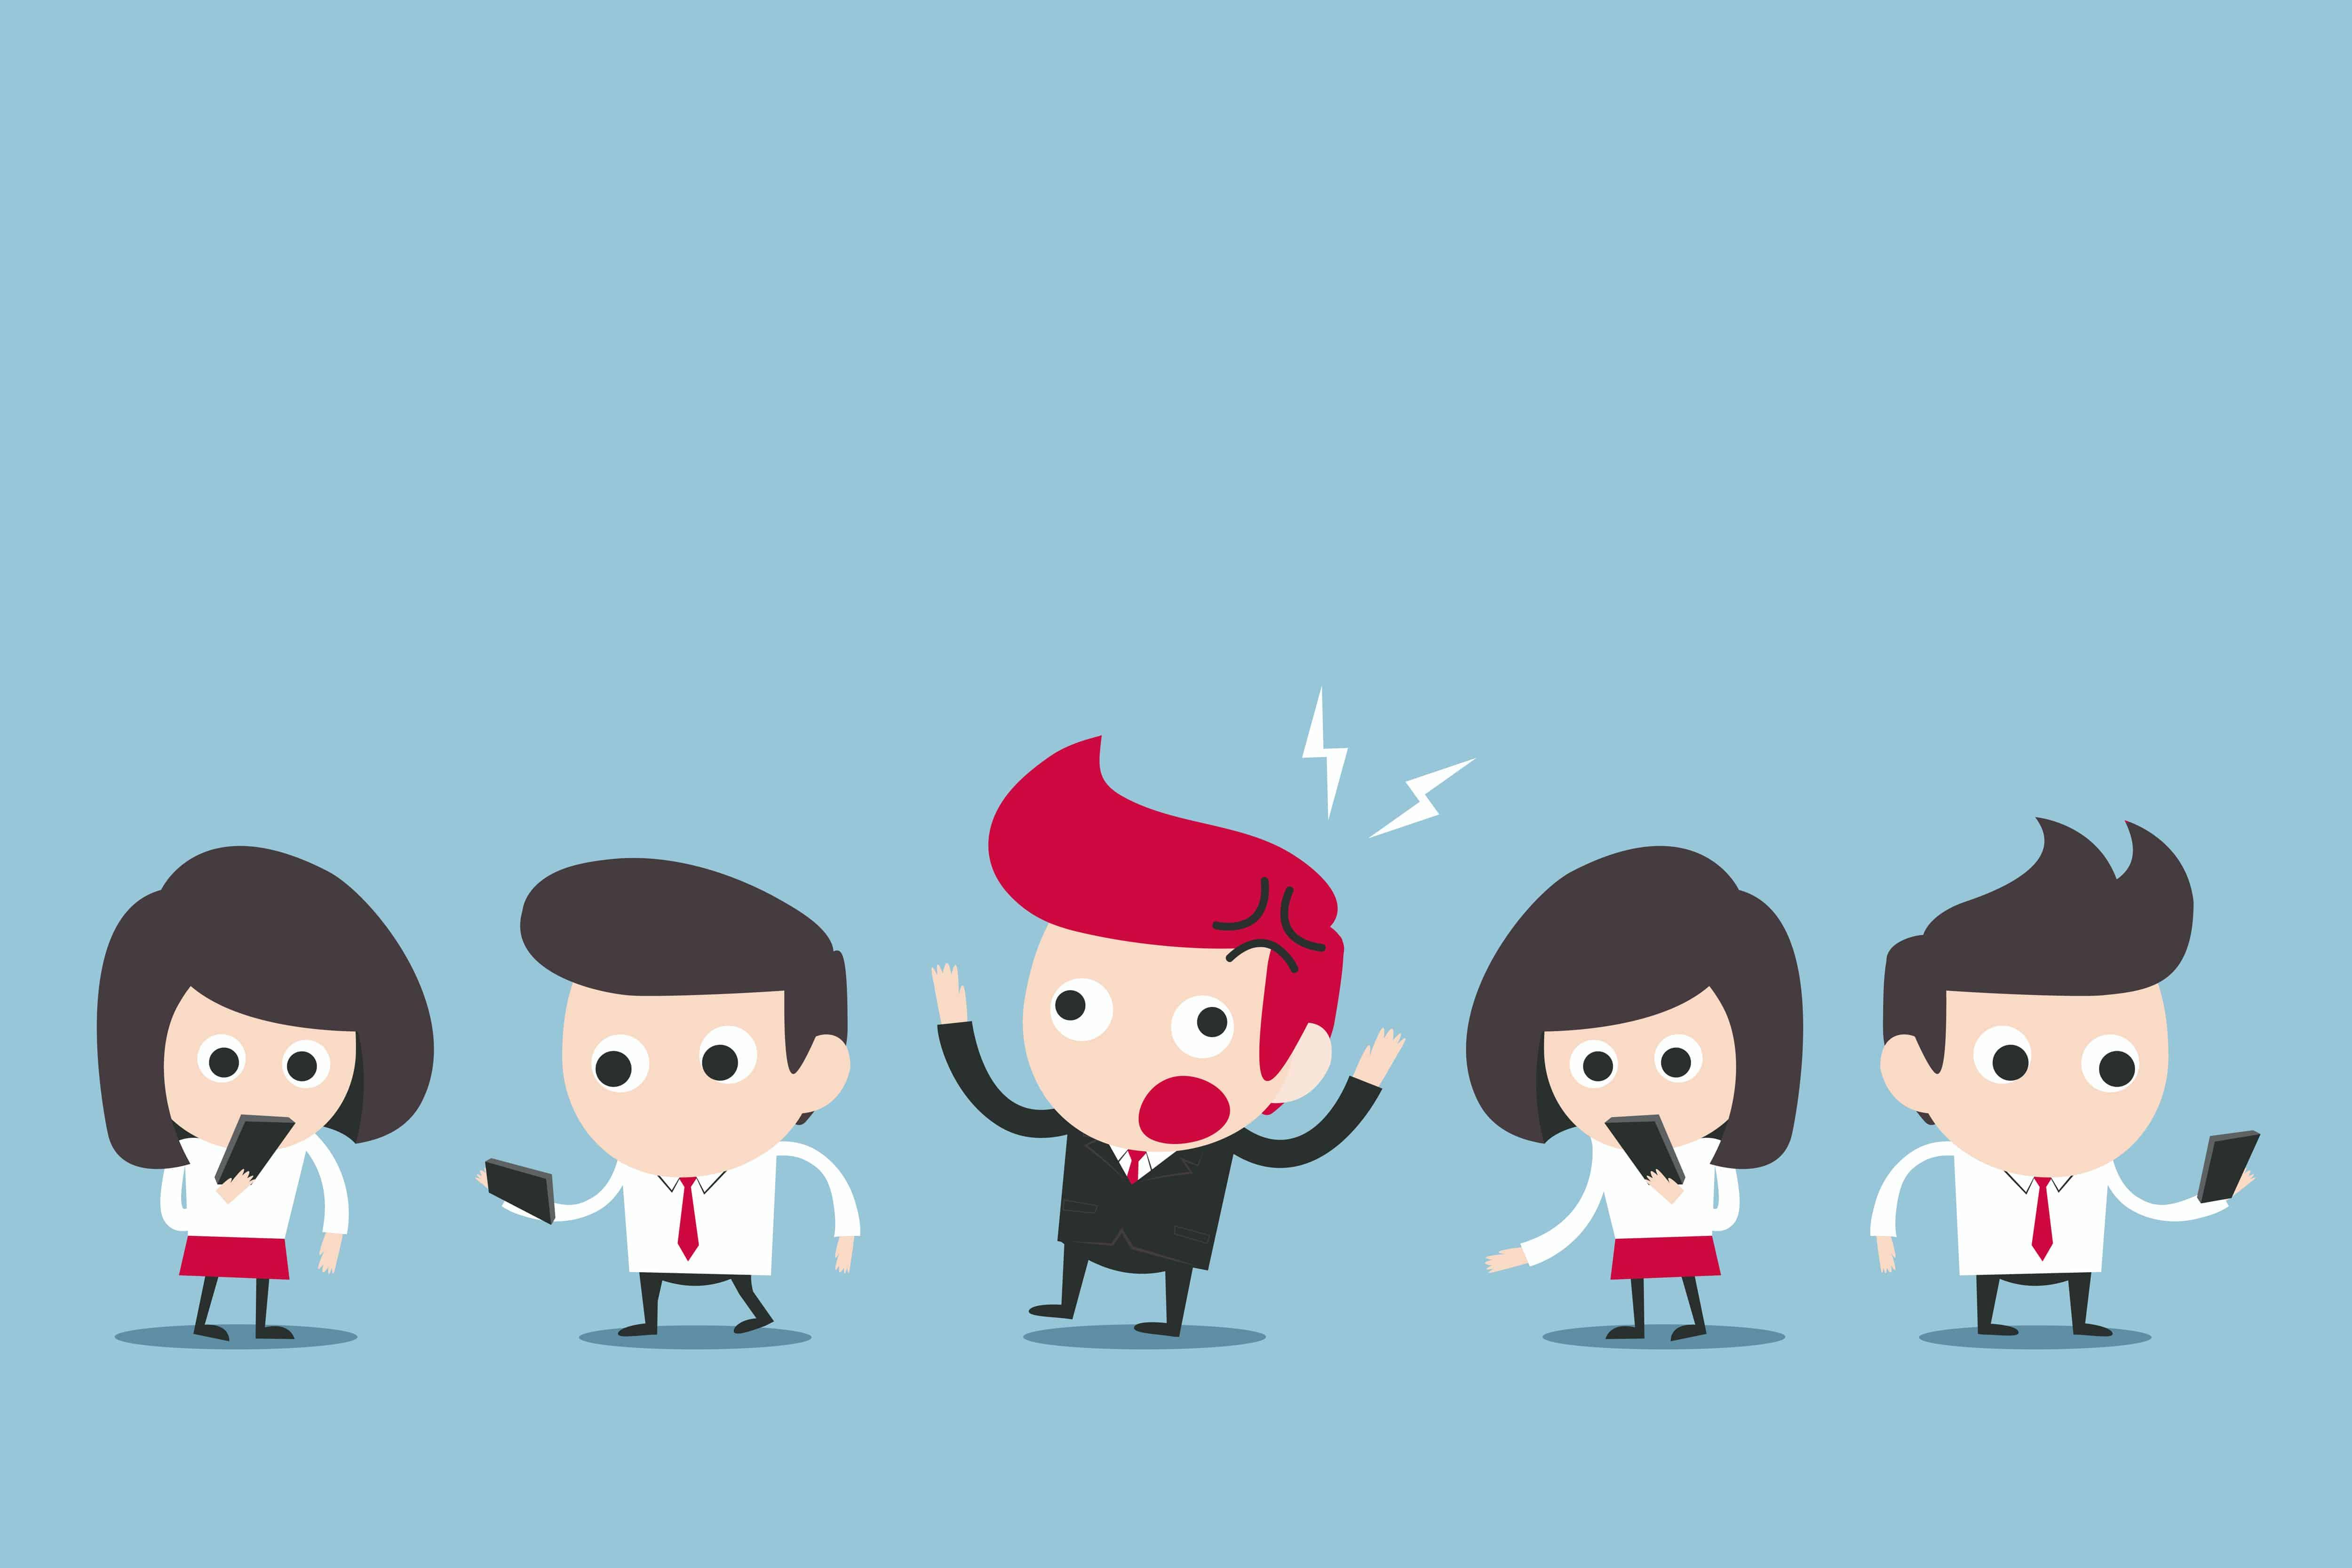 Médias sociaux : 7 raisons pour ne pas confier cette responsabilité à votre stagiaire